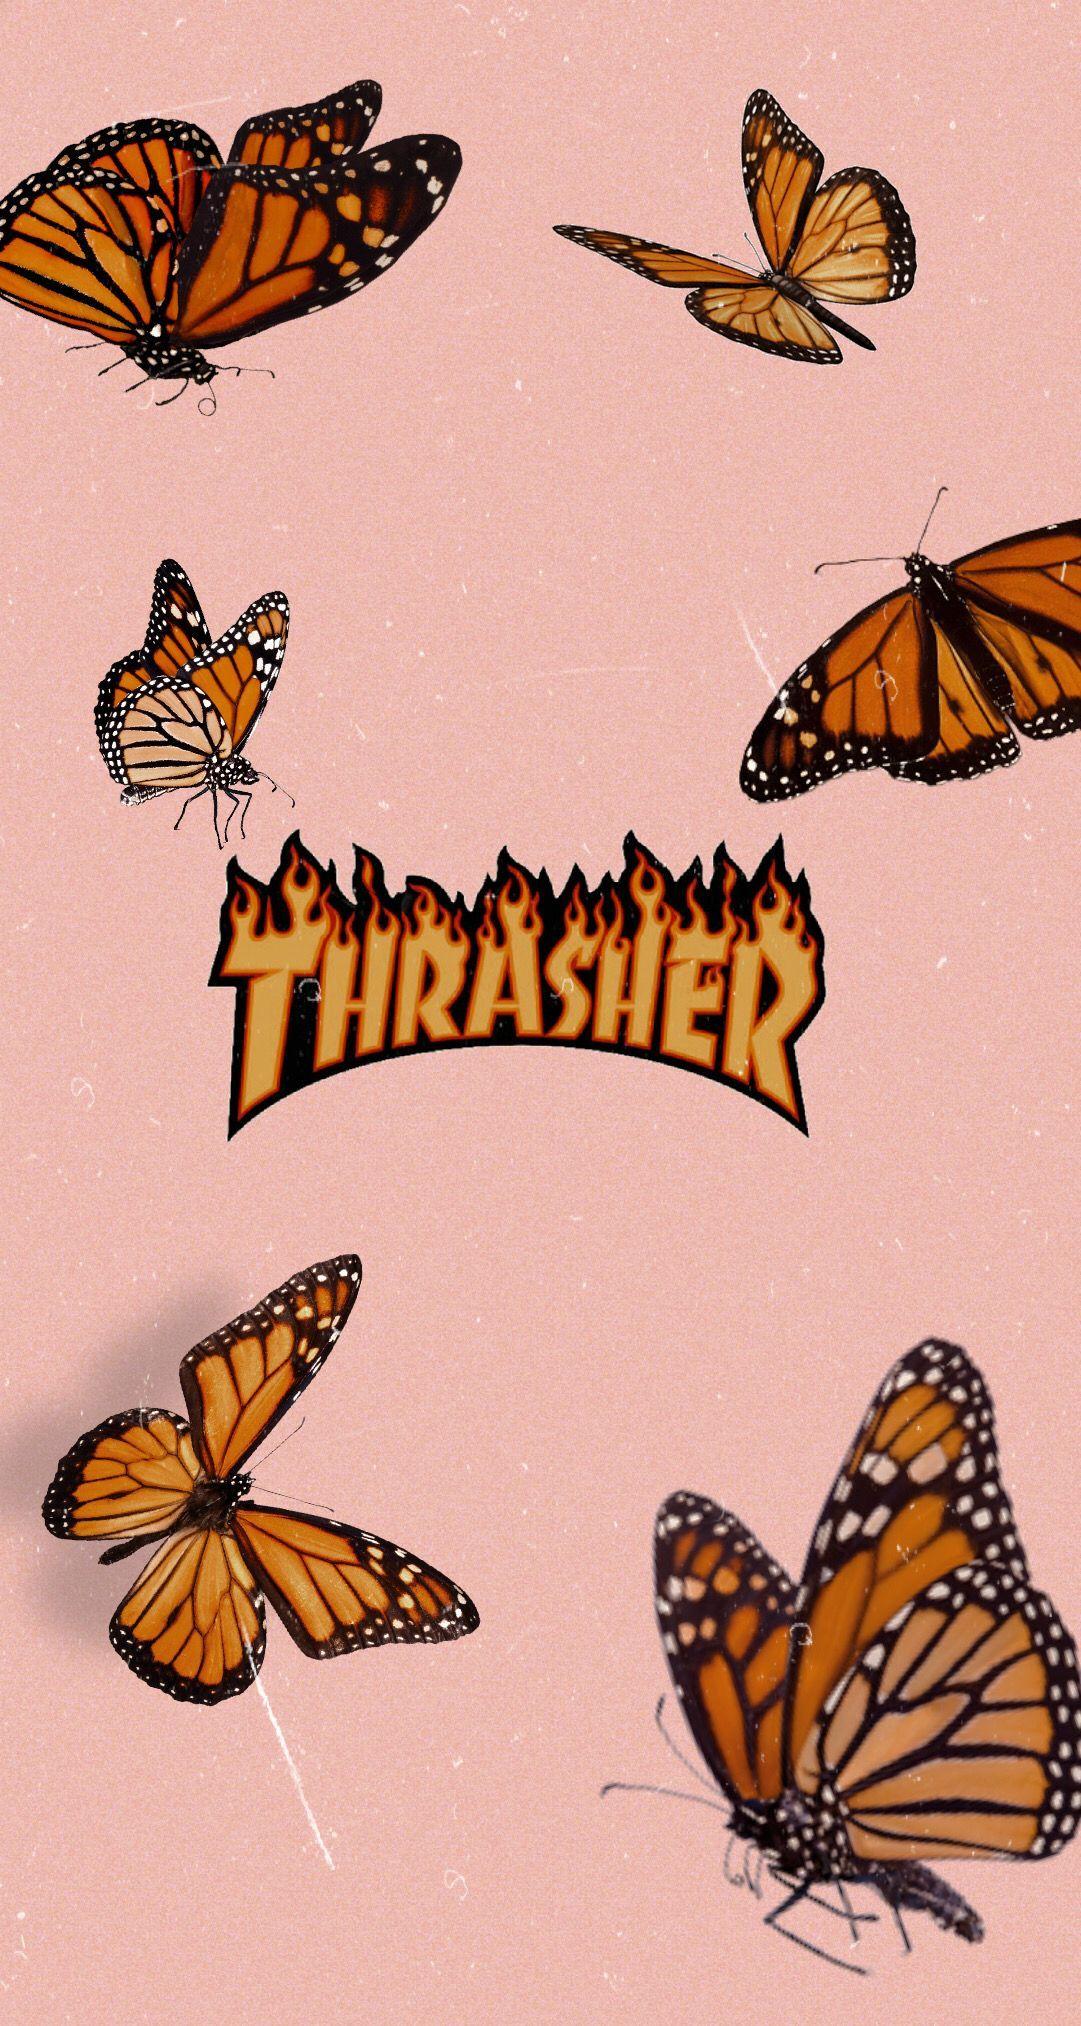 Thrasher Tapet Til Iphone 90 Er Aestetisk Sommerfugle Fersken Aestetisk Butterfly Wallpaper Iphone Iphone Wallpaper Vintage Butterfly Wallpaper Aesthetic wallpaper butterfly ipad